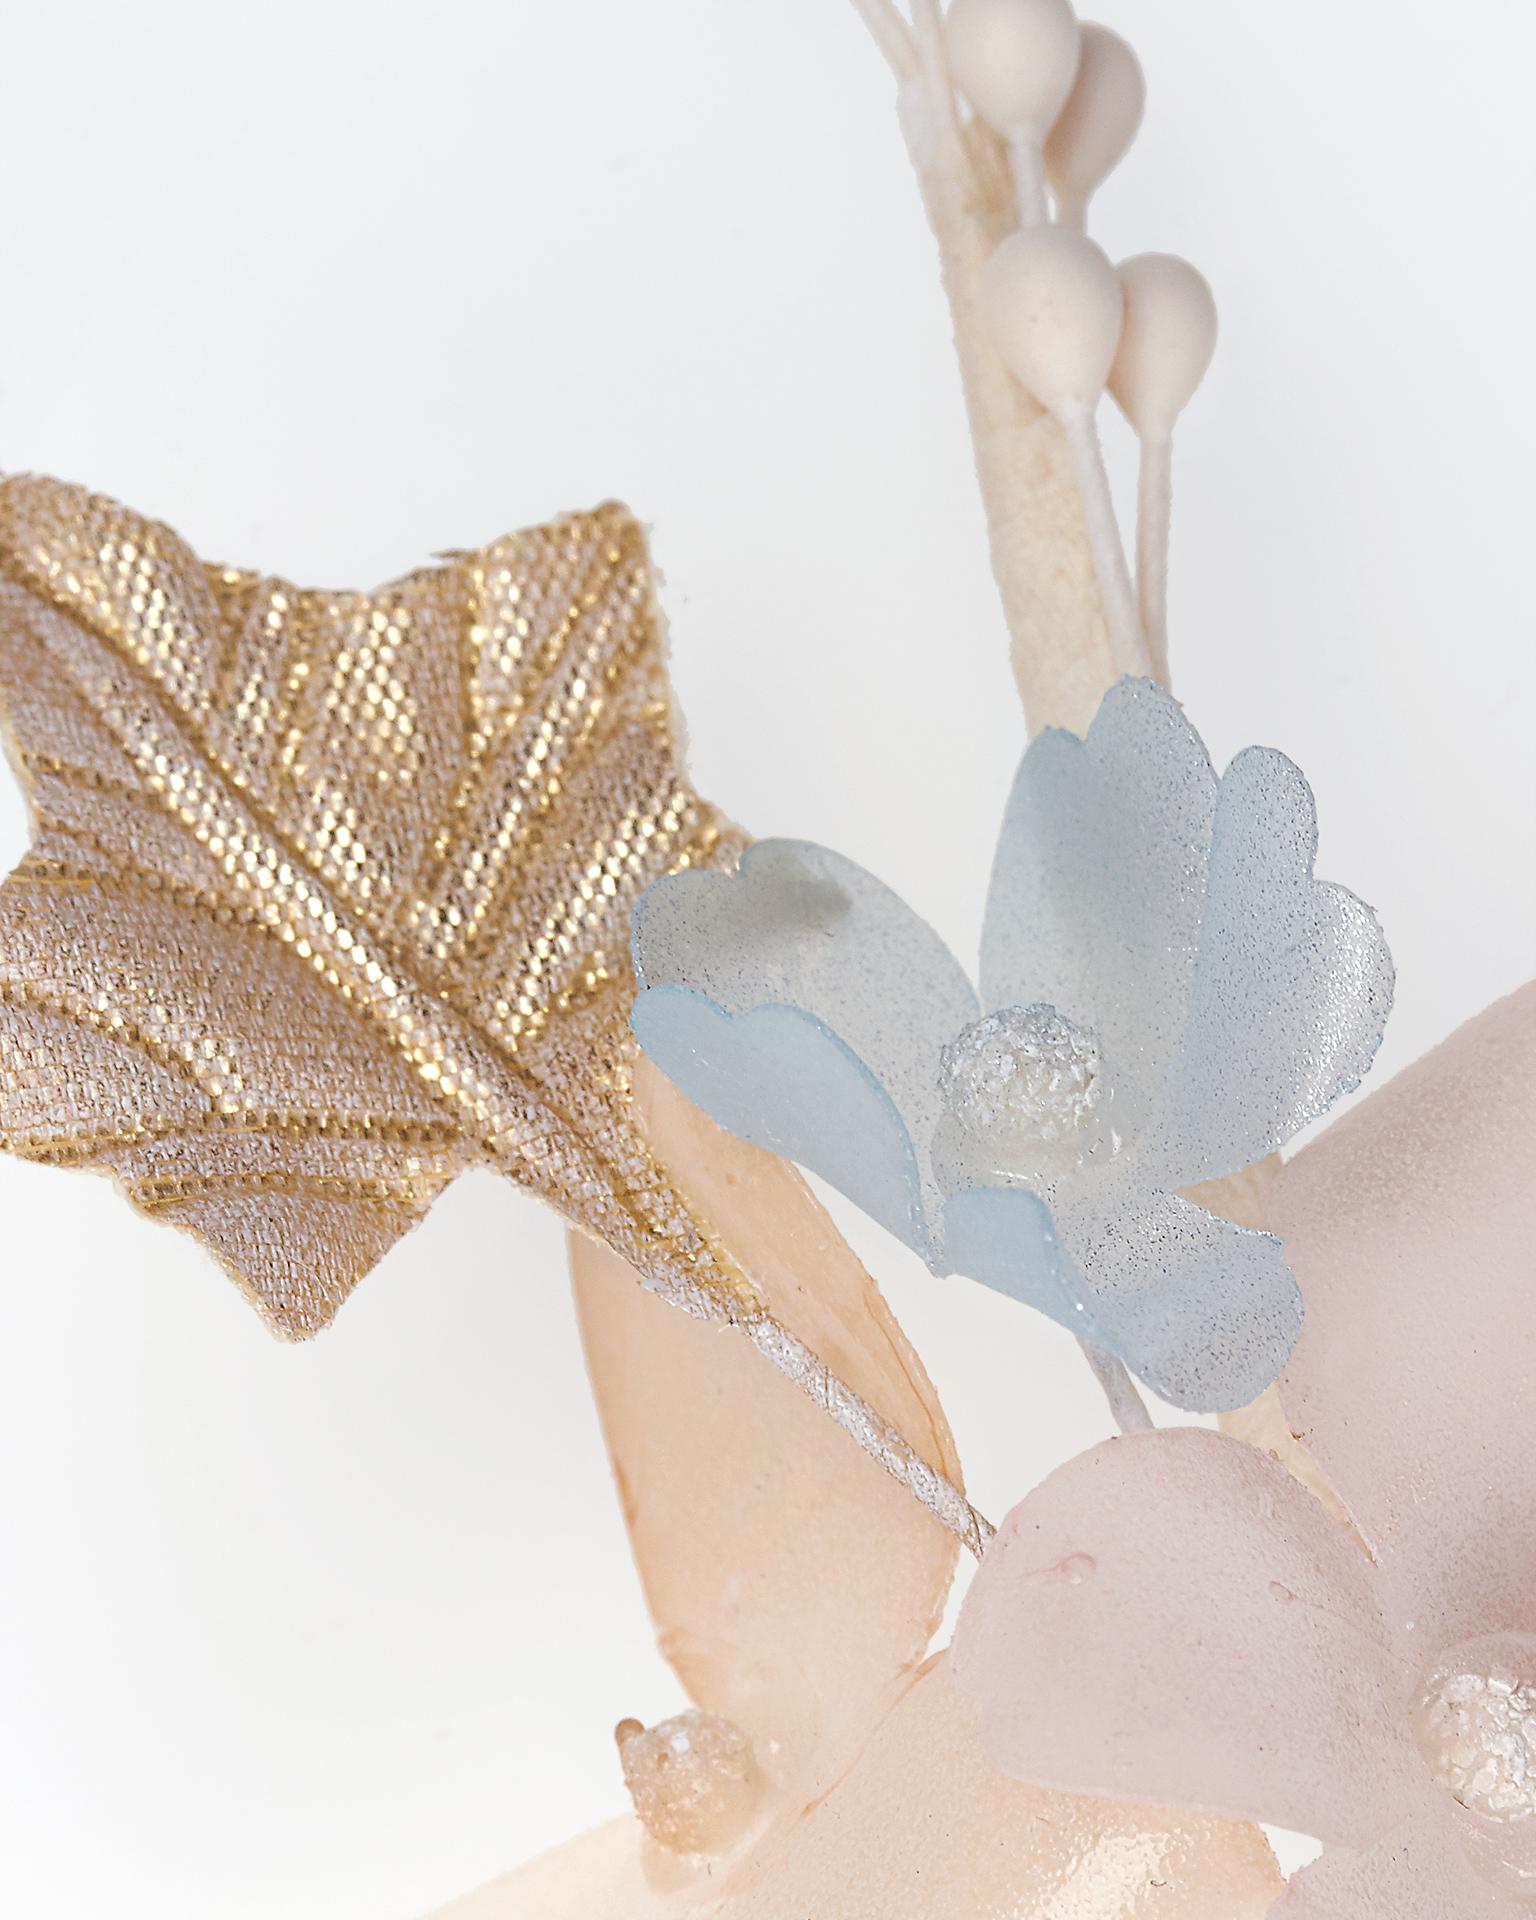 Braut-Haarstab aus Polyvinyl und Taftchiffon, 2 Stk., in Rosa/Blau/Gold. Kollektion  2018.